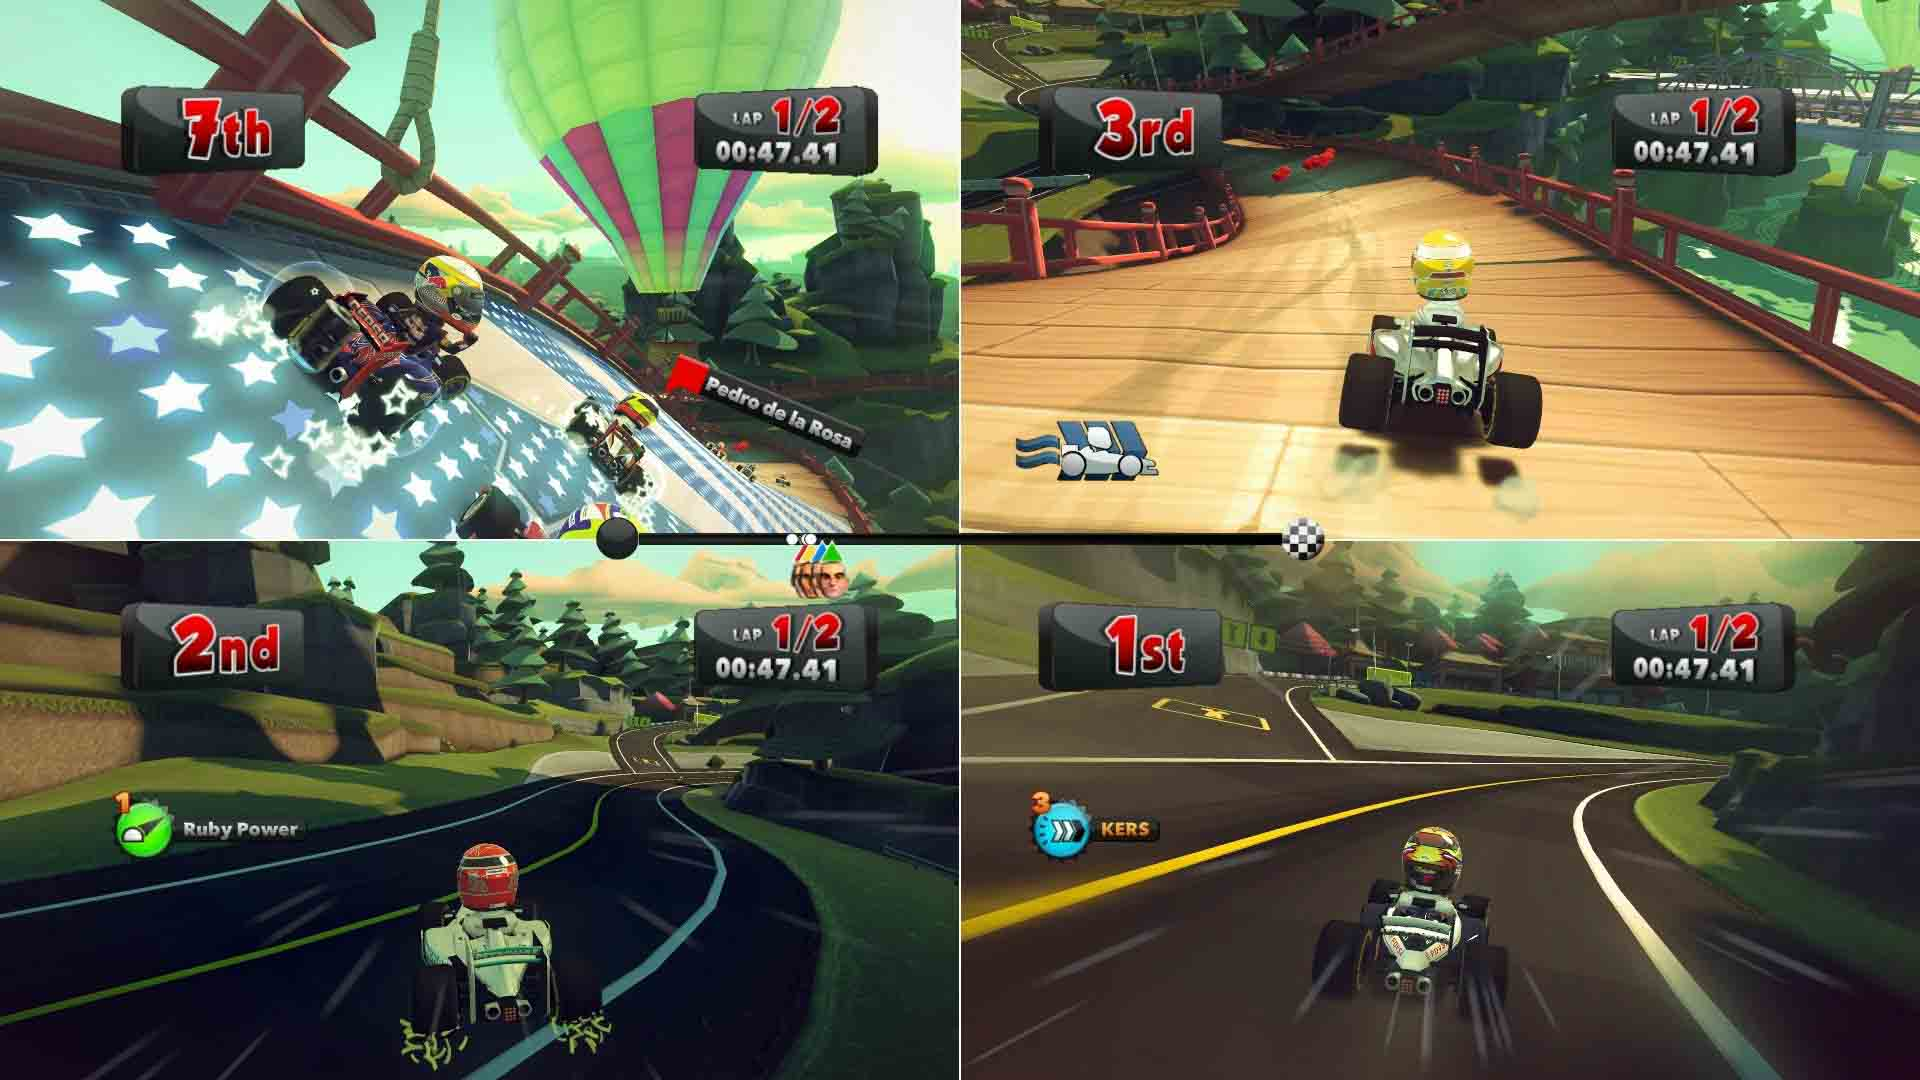 Игры на двоих гонки против друг друга онлайн играть в крутые стратегии онлайн бесплатно